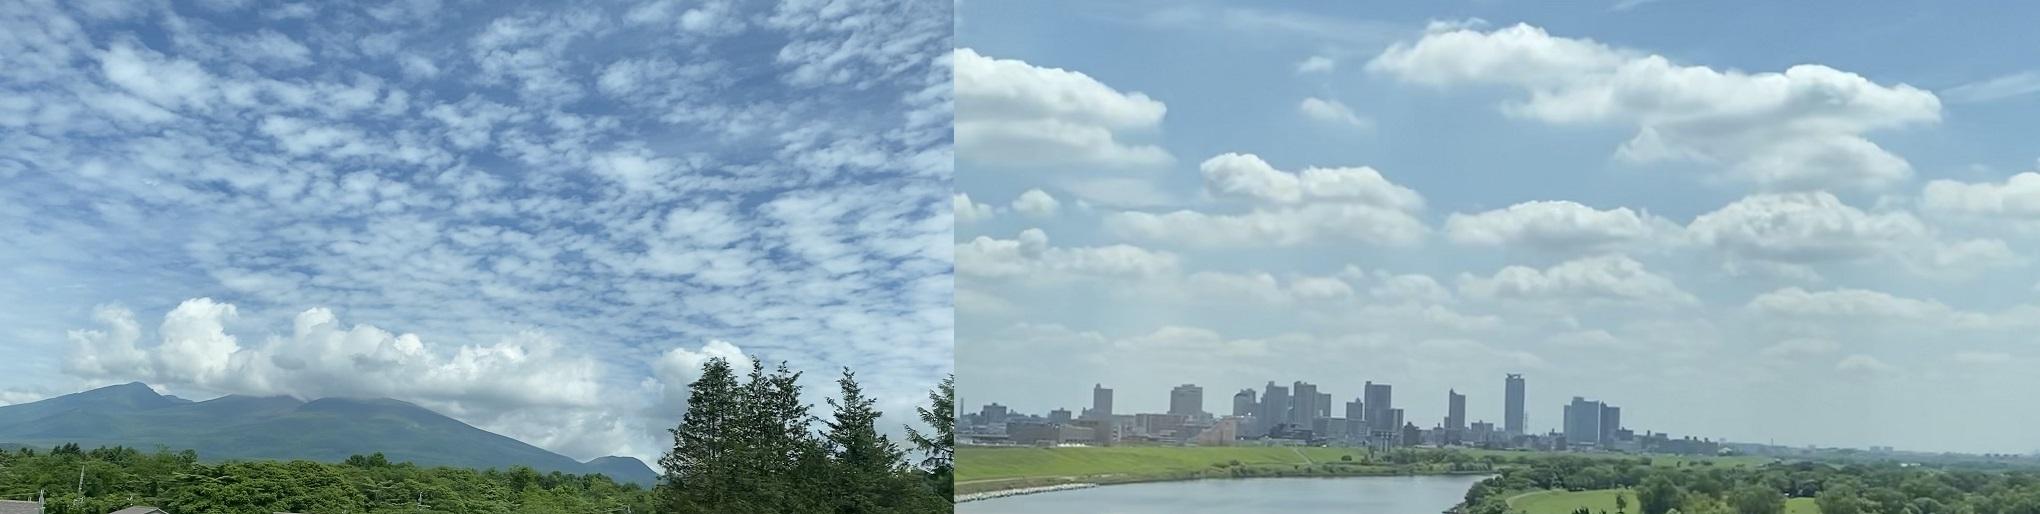 遠い東京で、、、正論を言える反骨があるか_b0115629_19360502.jpg